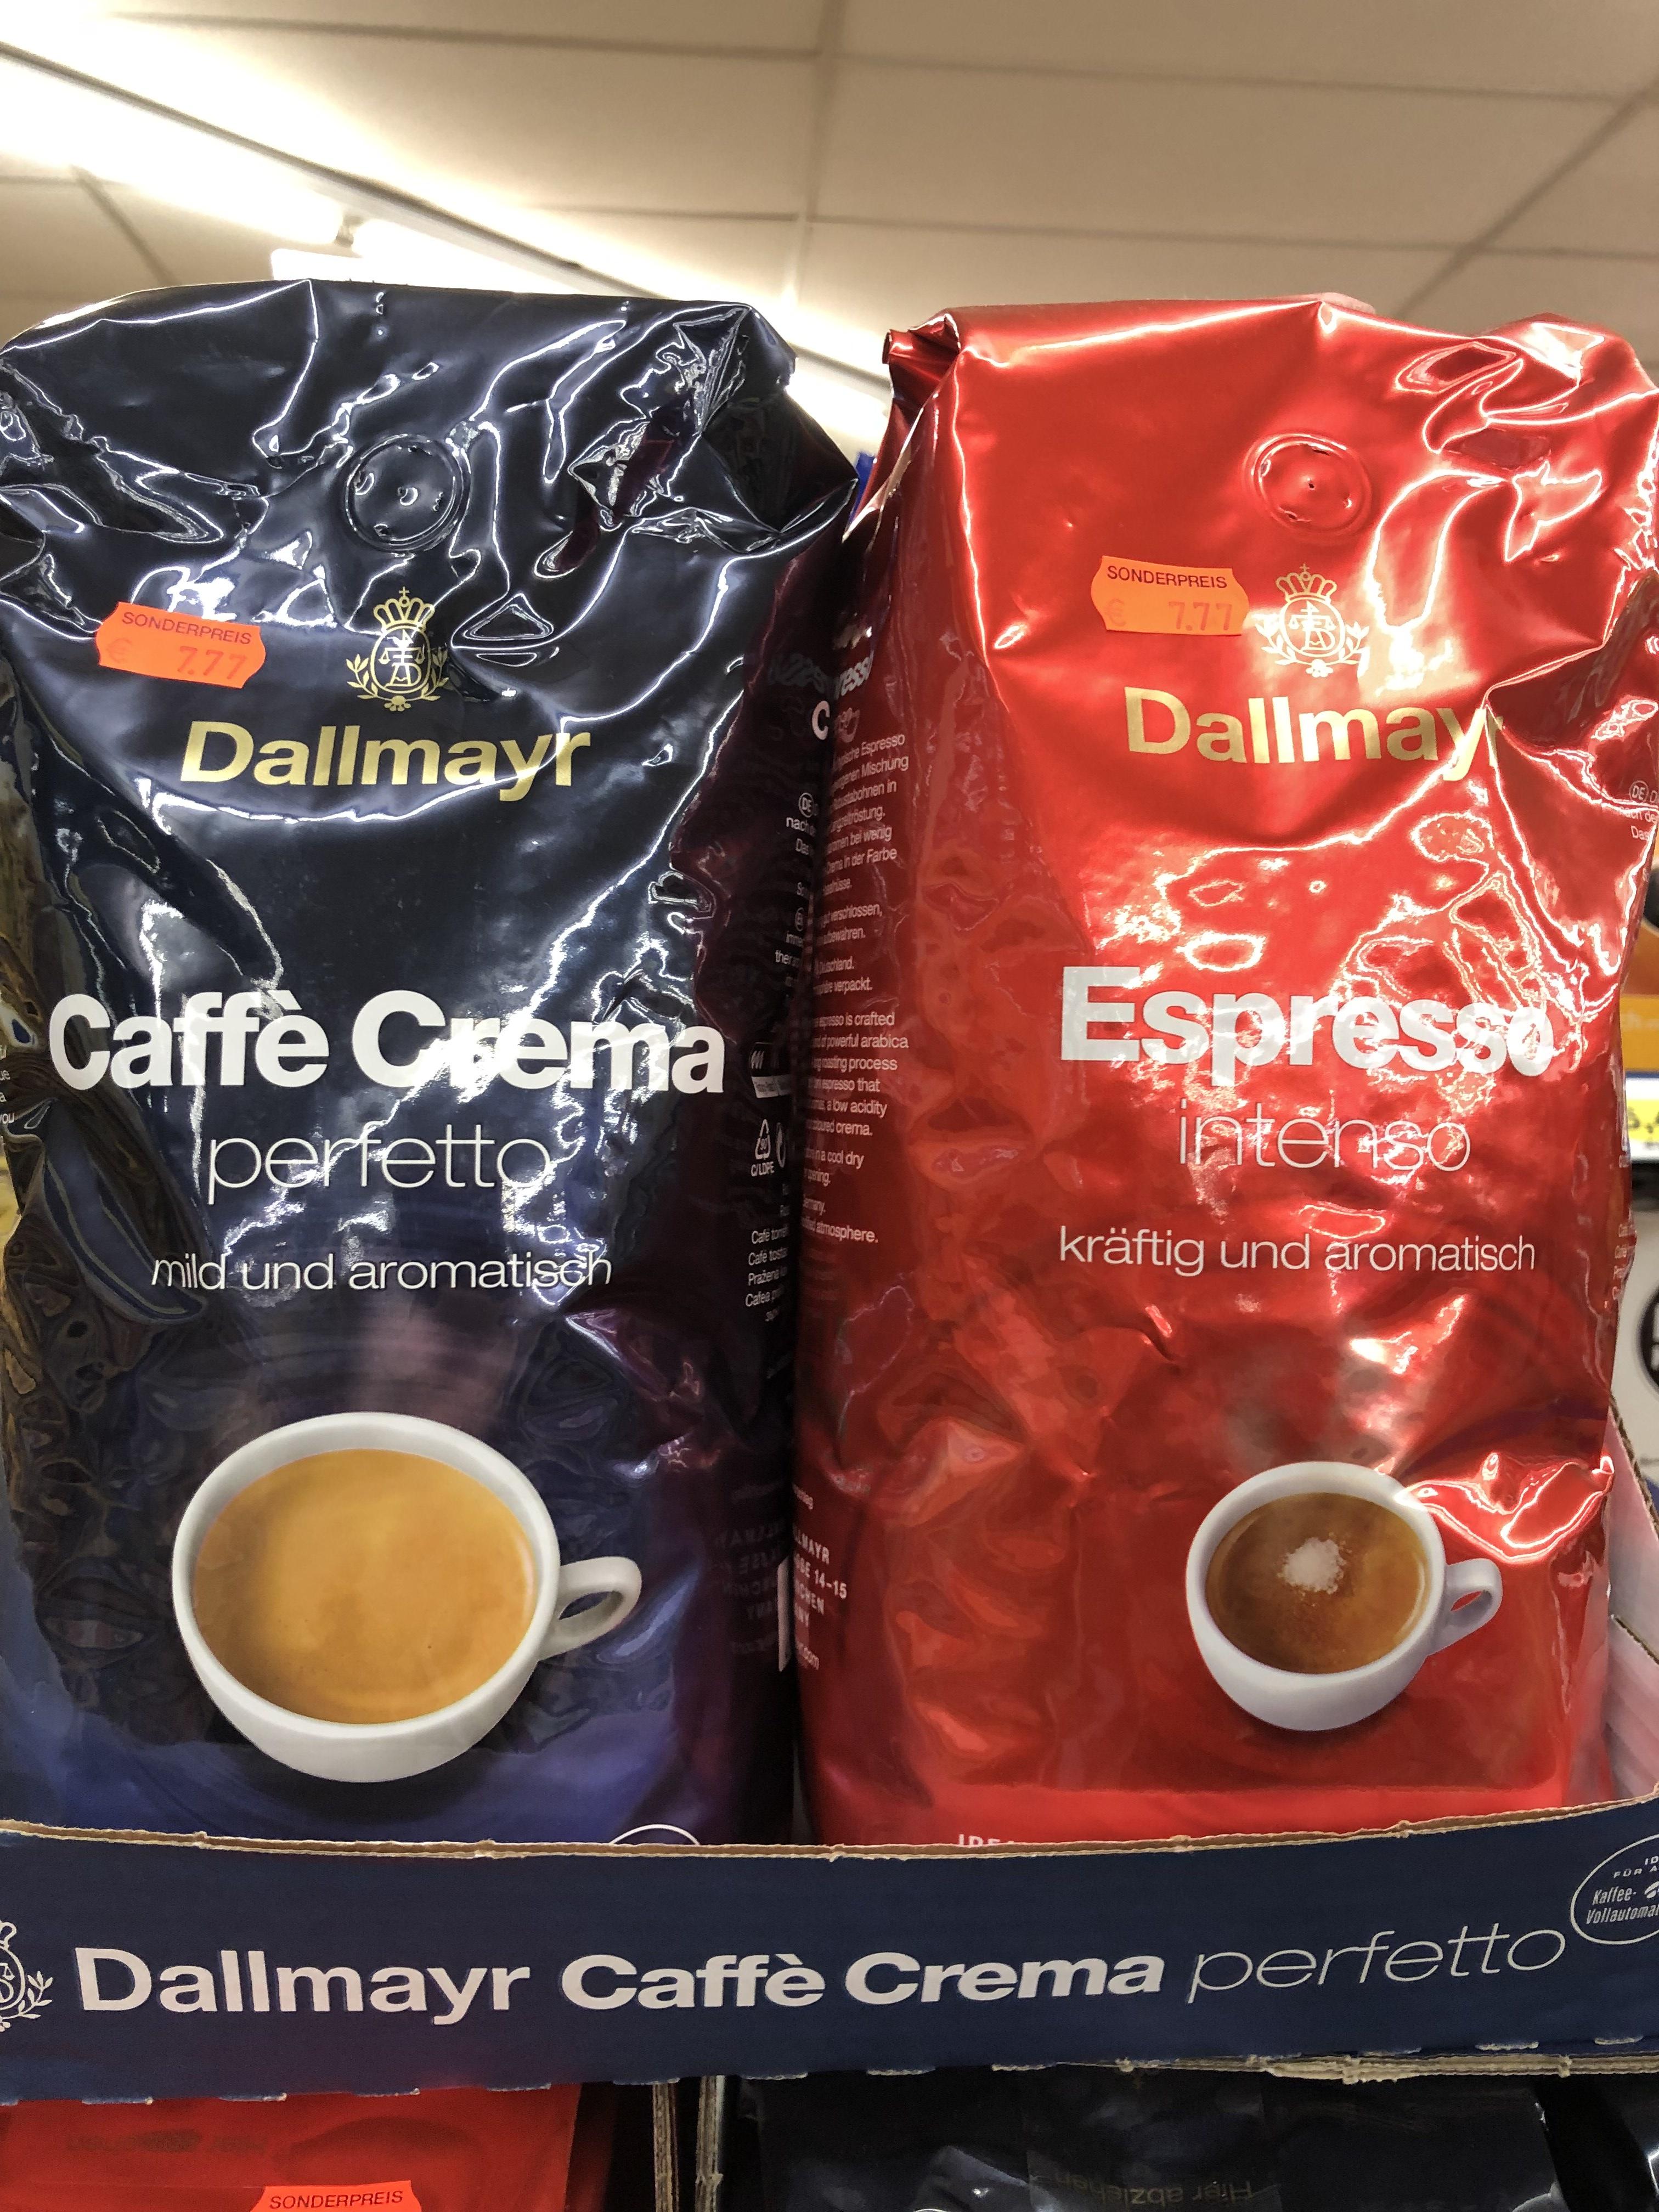 Dallmayr Caffè Crema Perfetto und Espresso Intenso, ganze Bohnen, 1 Kg für 7,77 € im Edeka Siegen Weidenau [Lokal]